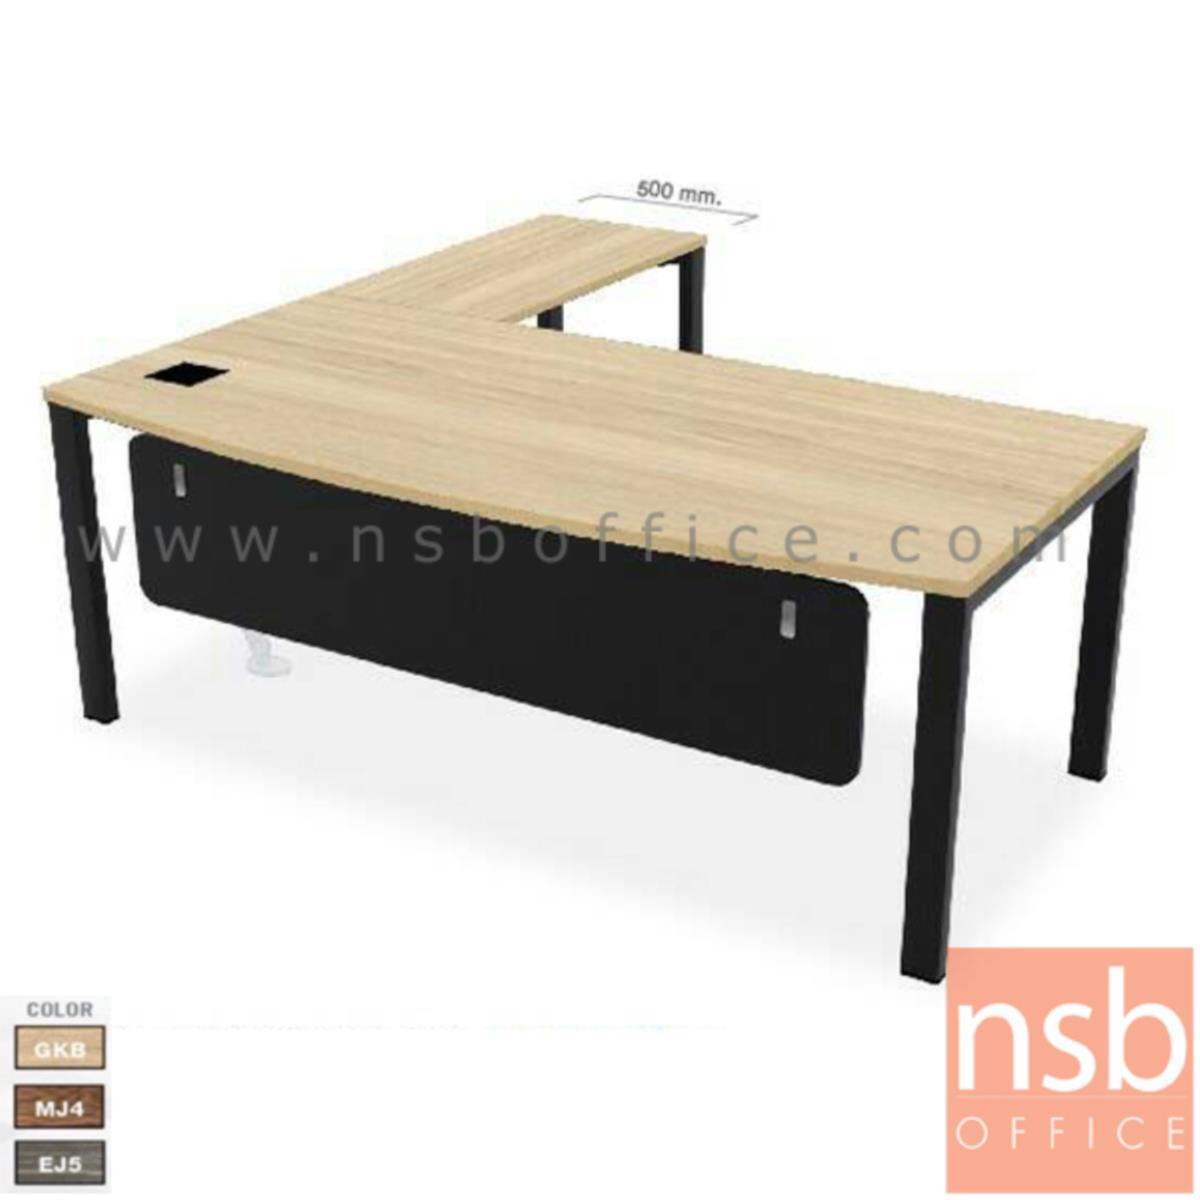 A16A067:โต๊ะทำงานตัวแอล  รุ่น TYN-0202 ขนาด 200W cm. พร้อมป๊อบอัพ ขาเหล็ก